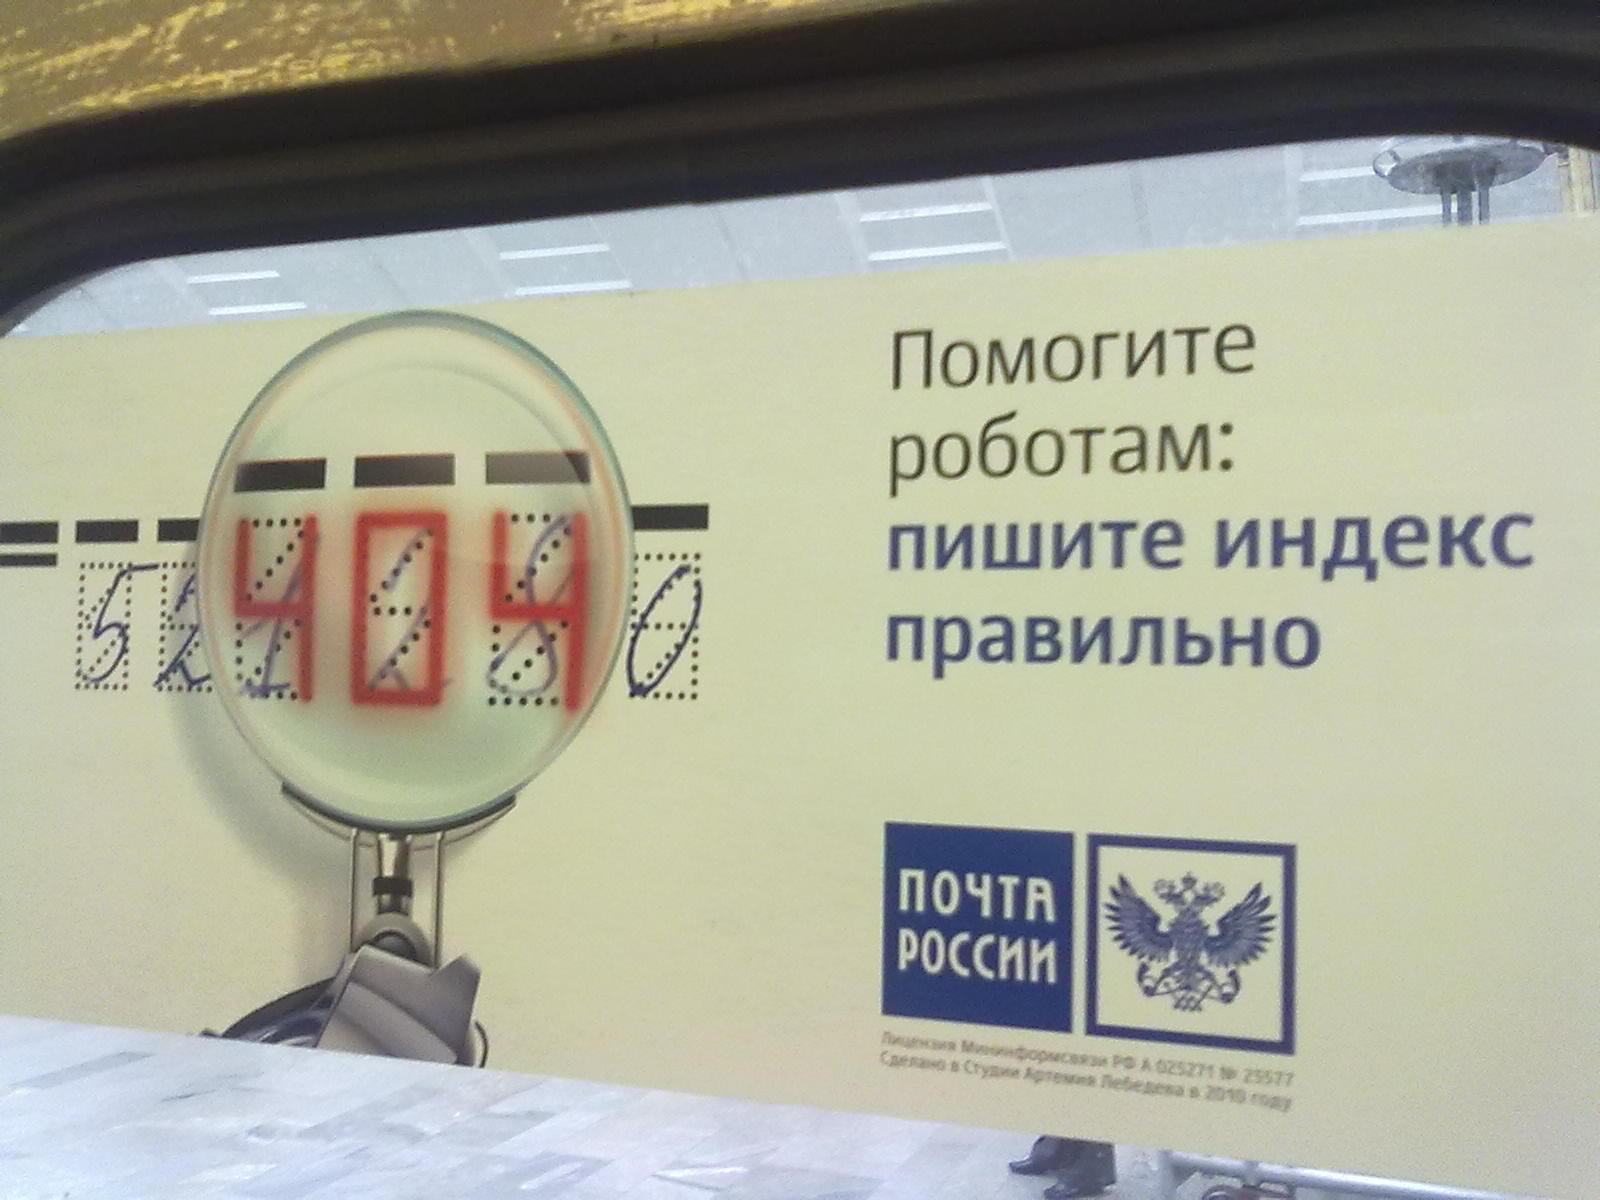 Почему так плохо работает почта россии